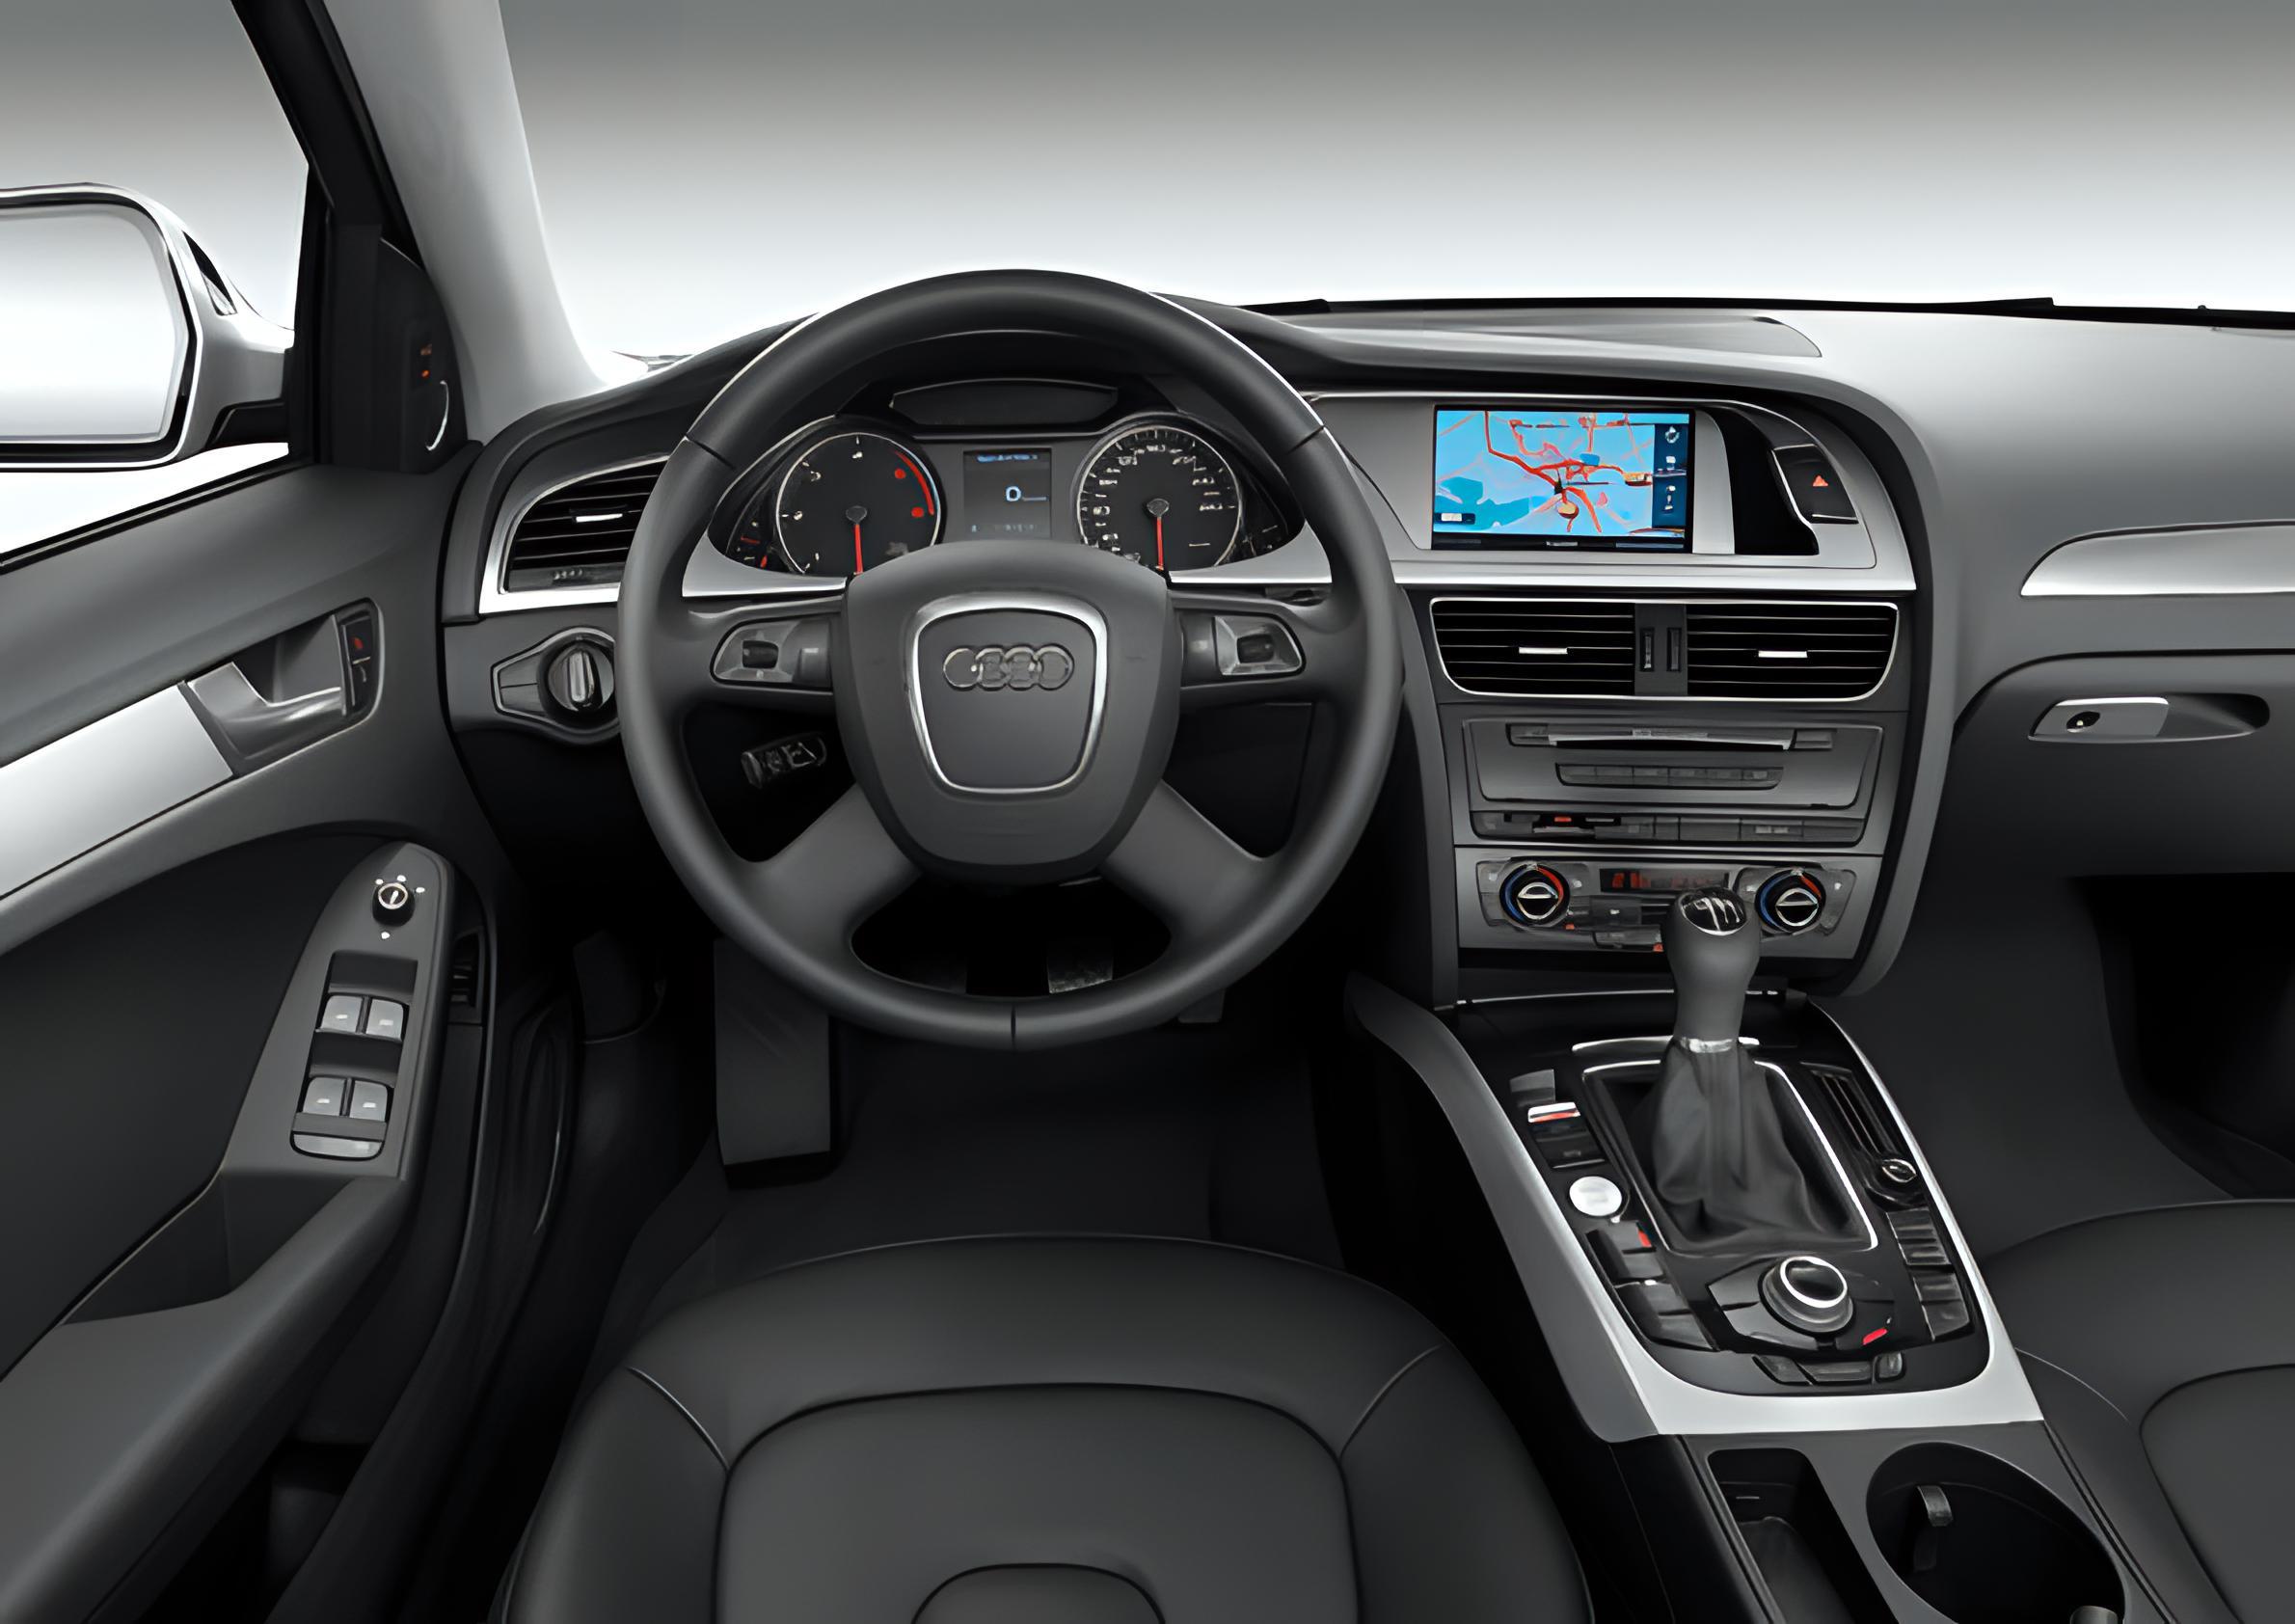 Audi A4 history photos on Better Parts LTD